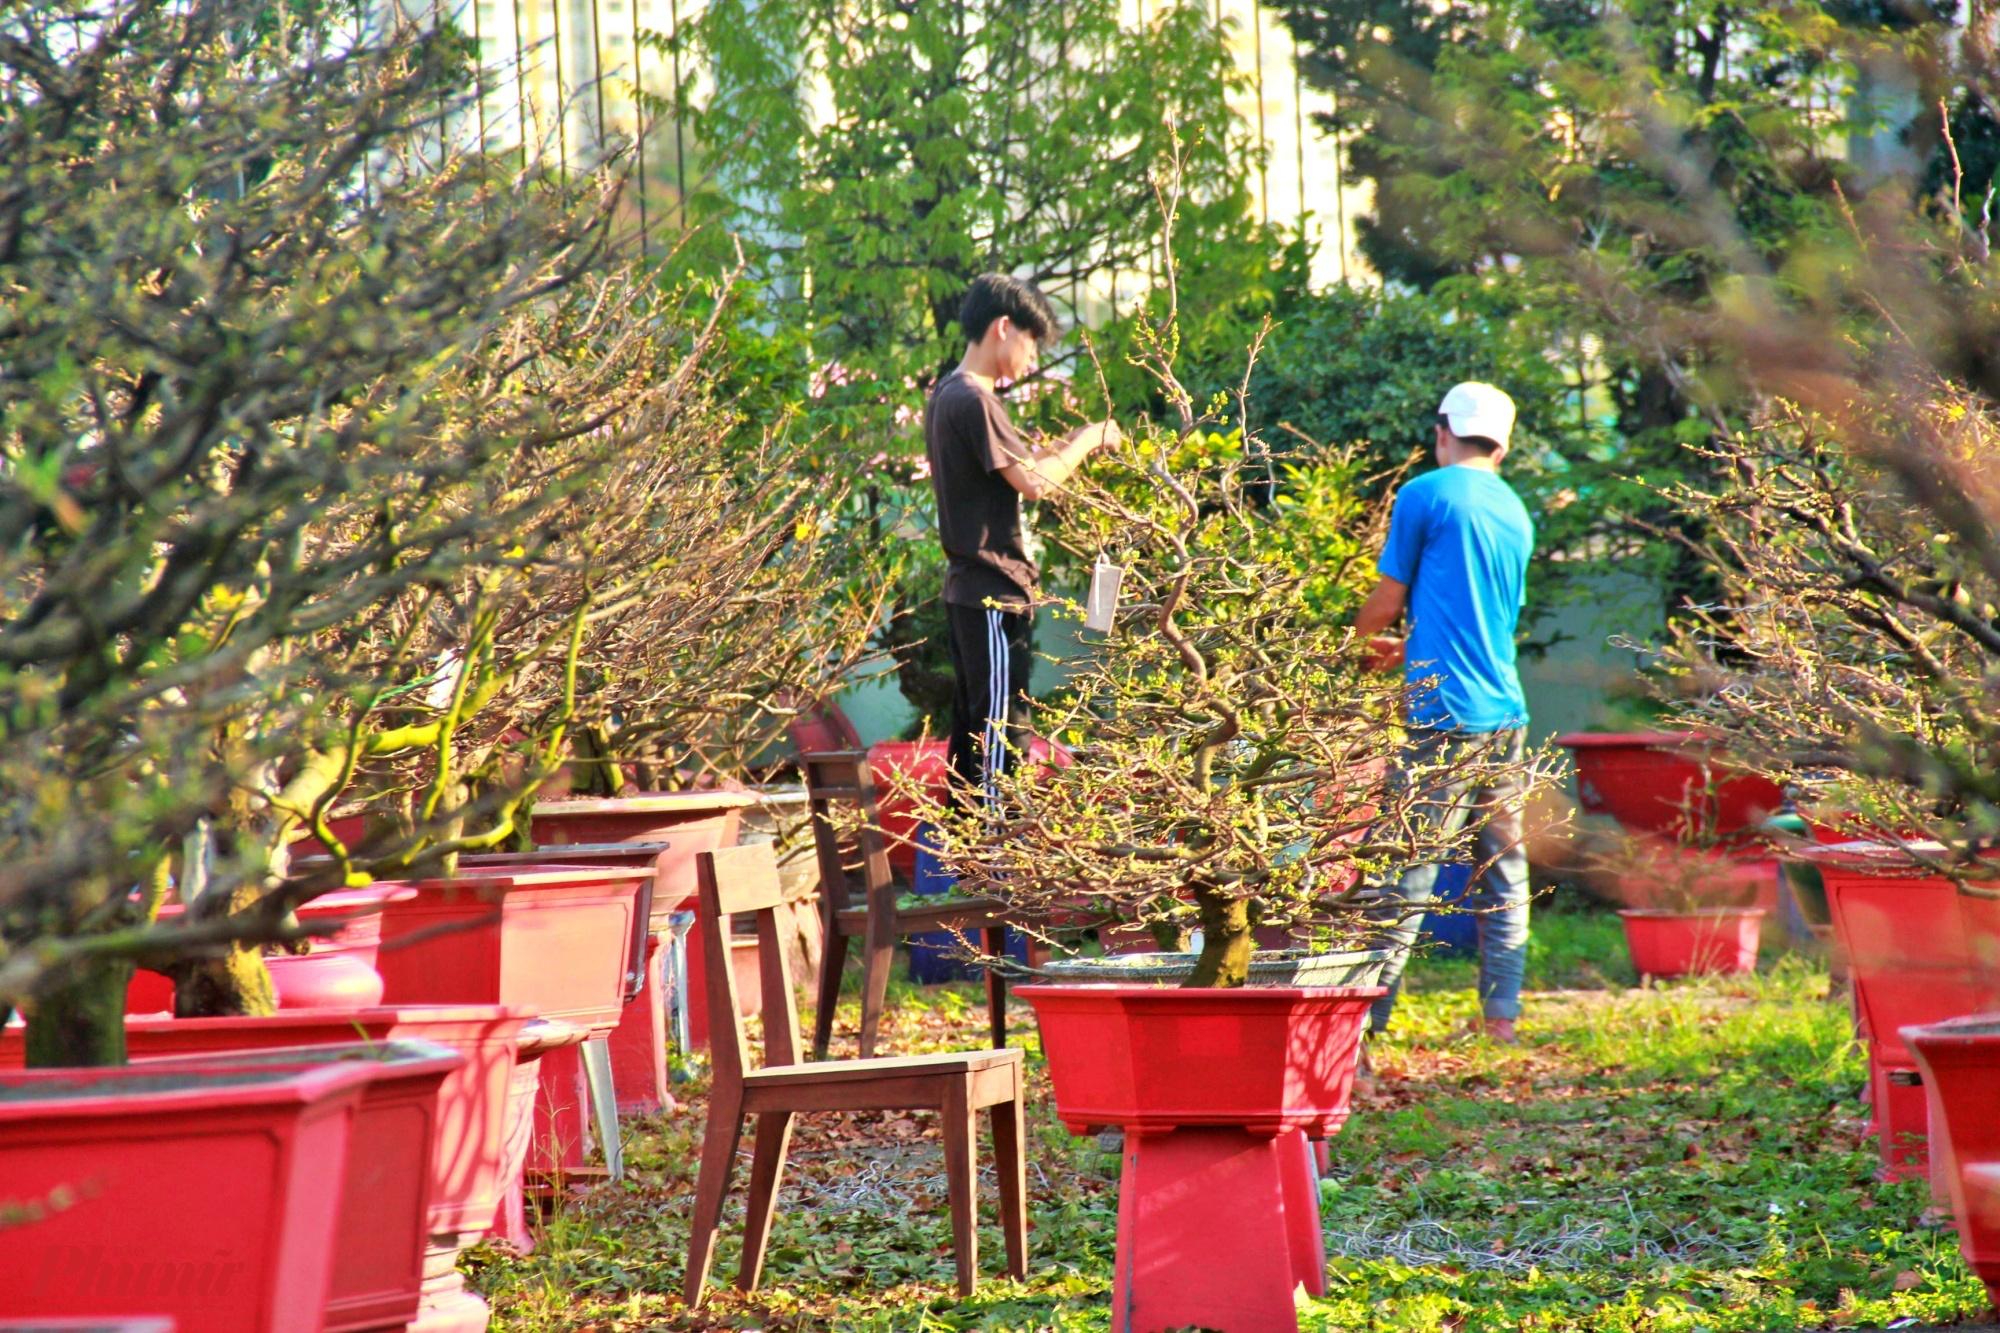 Các nhân công tất bật lặt lá mai dịp Tết, mỗi người kiếm được khoảng 300 ngàn đồng/ngày. Để tránh trường hợp mai nở sớm có nhiều biện pháp để chỗ mát, chia lấy lan, thời tiết rất quan trọng đến việc hoa nở đúng dịp tết hay không.